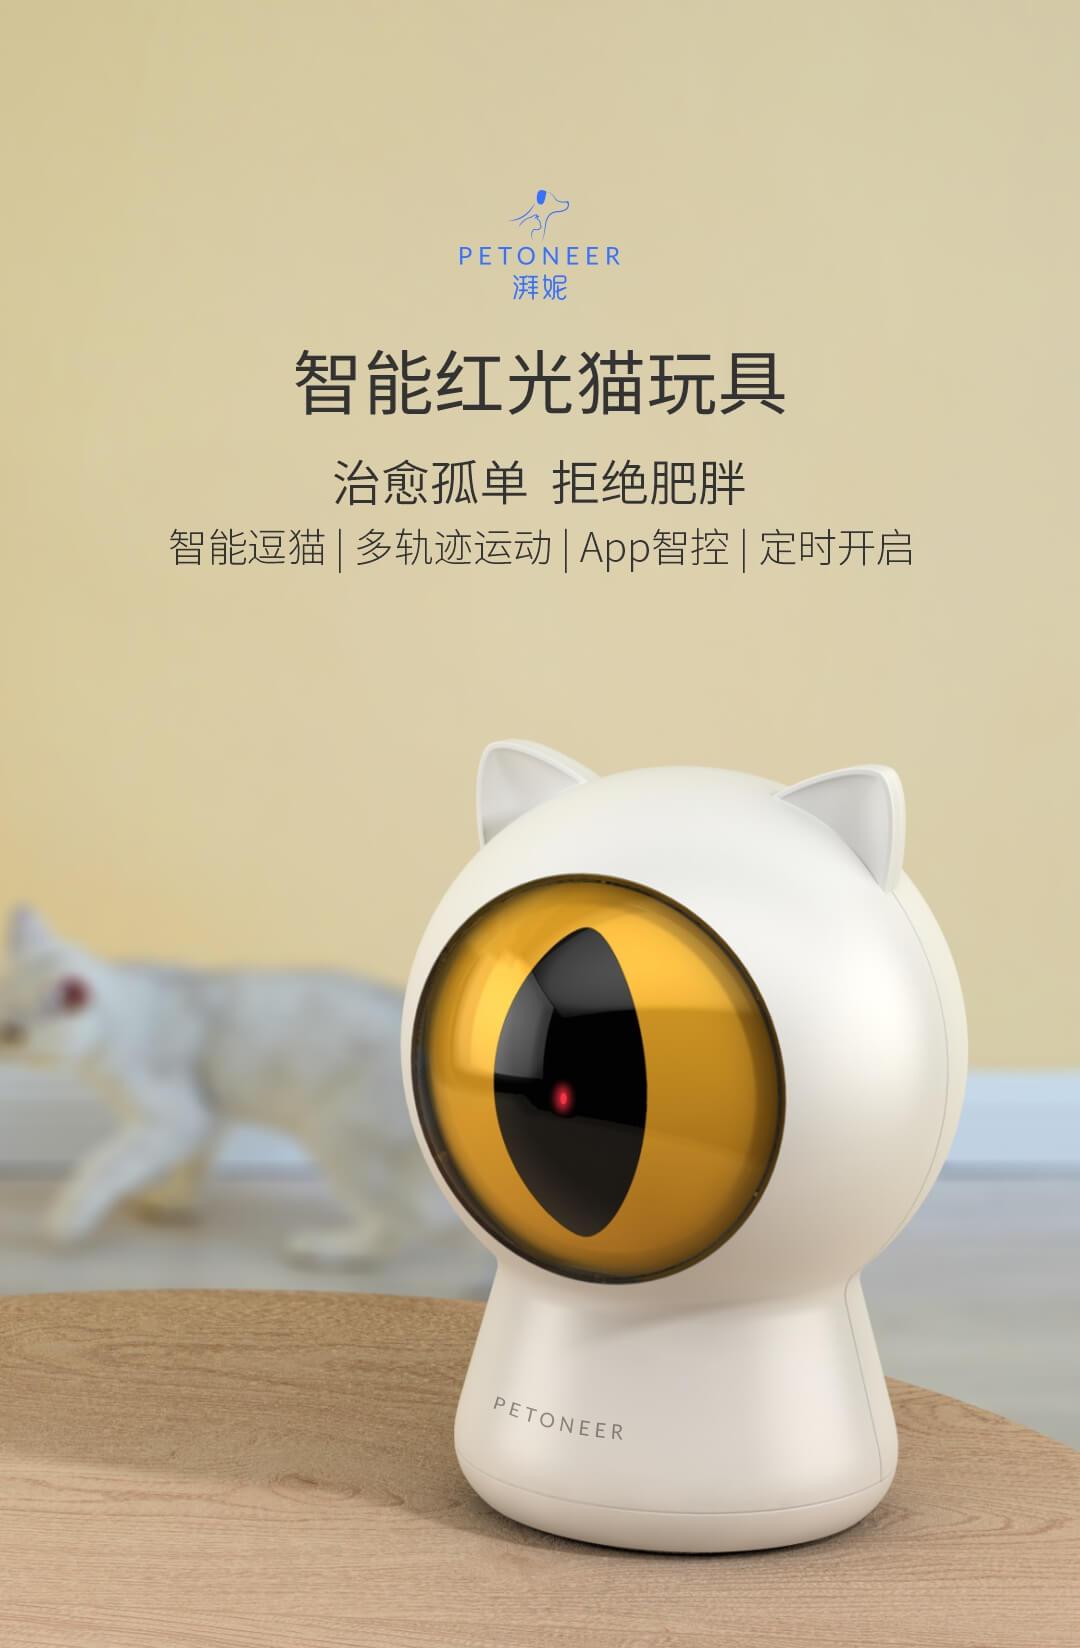 Xiaomi gatos Youpin: un láser, lo último de Xiaomi - Noticias Xiaomi